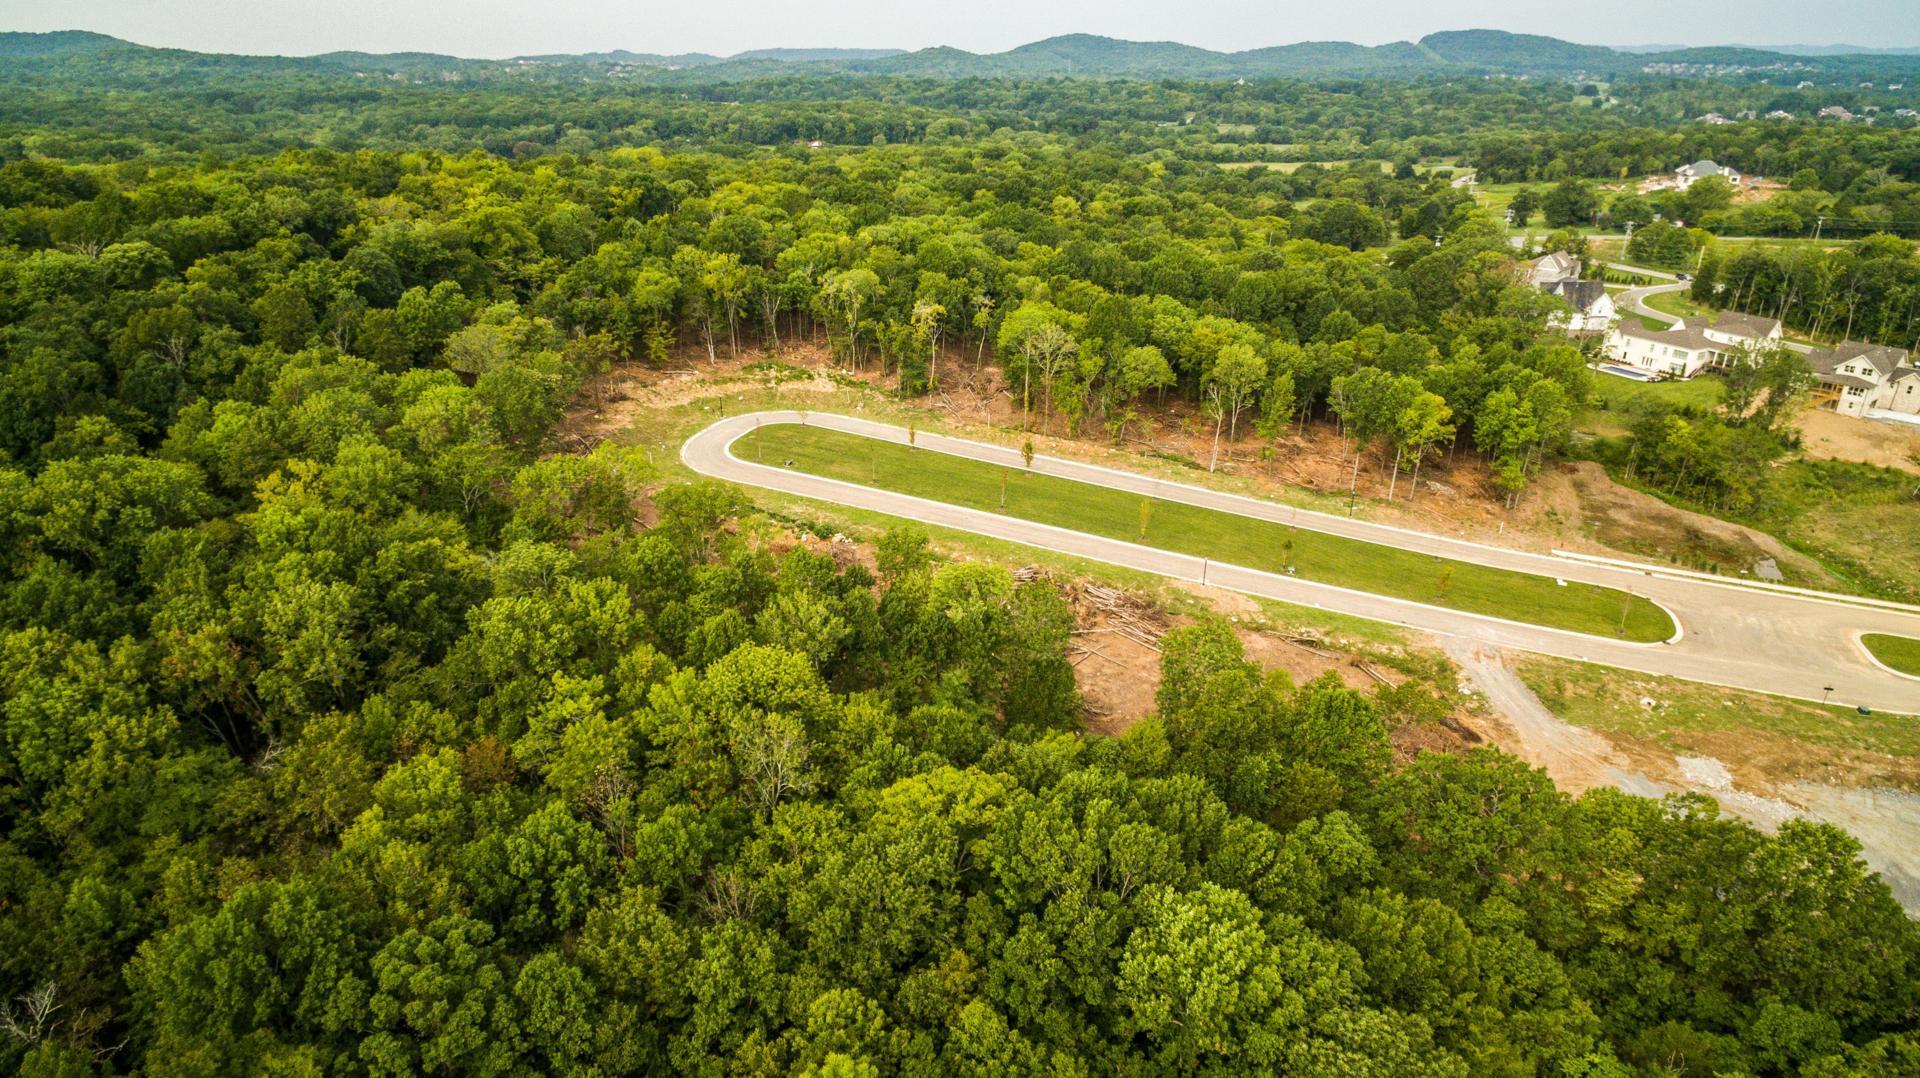 单亲家庭 为 销售 在 Somerville 120 Asher Downs Circle Nolensville, Tennessee 37135 United States